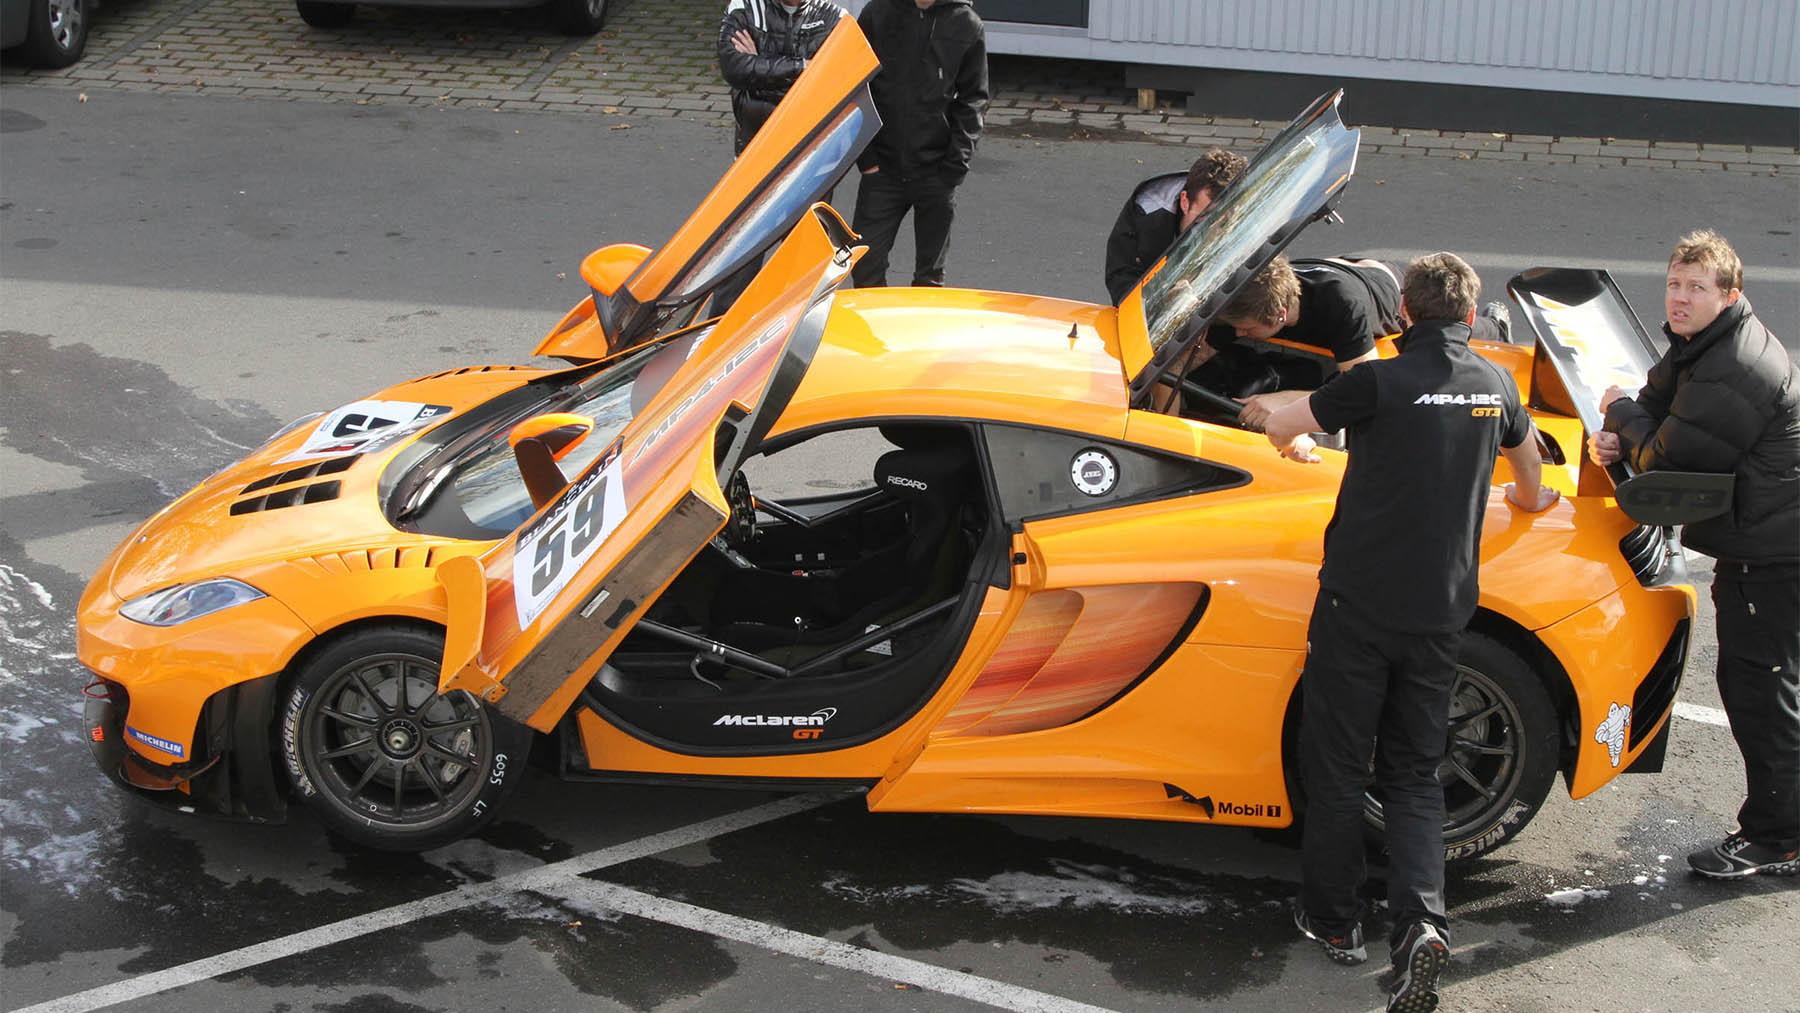 McLaren MP4-12C GT3 race car at the Nurburgring